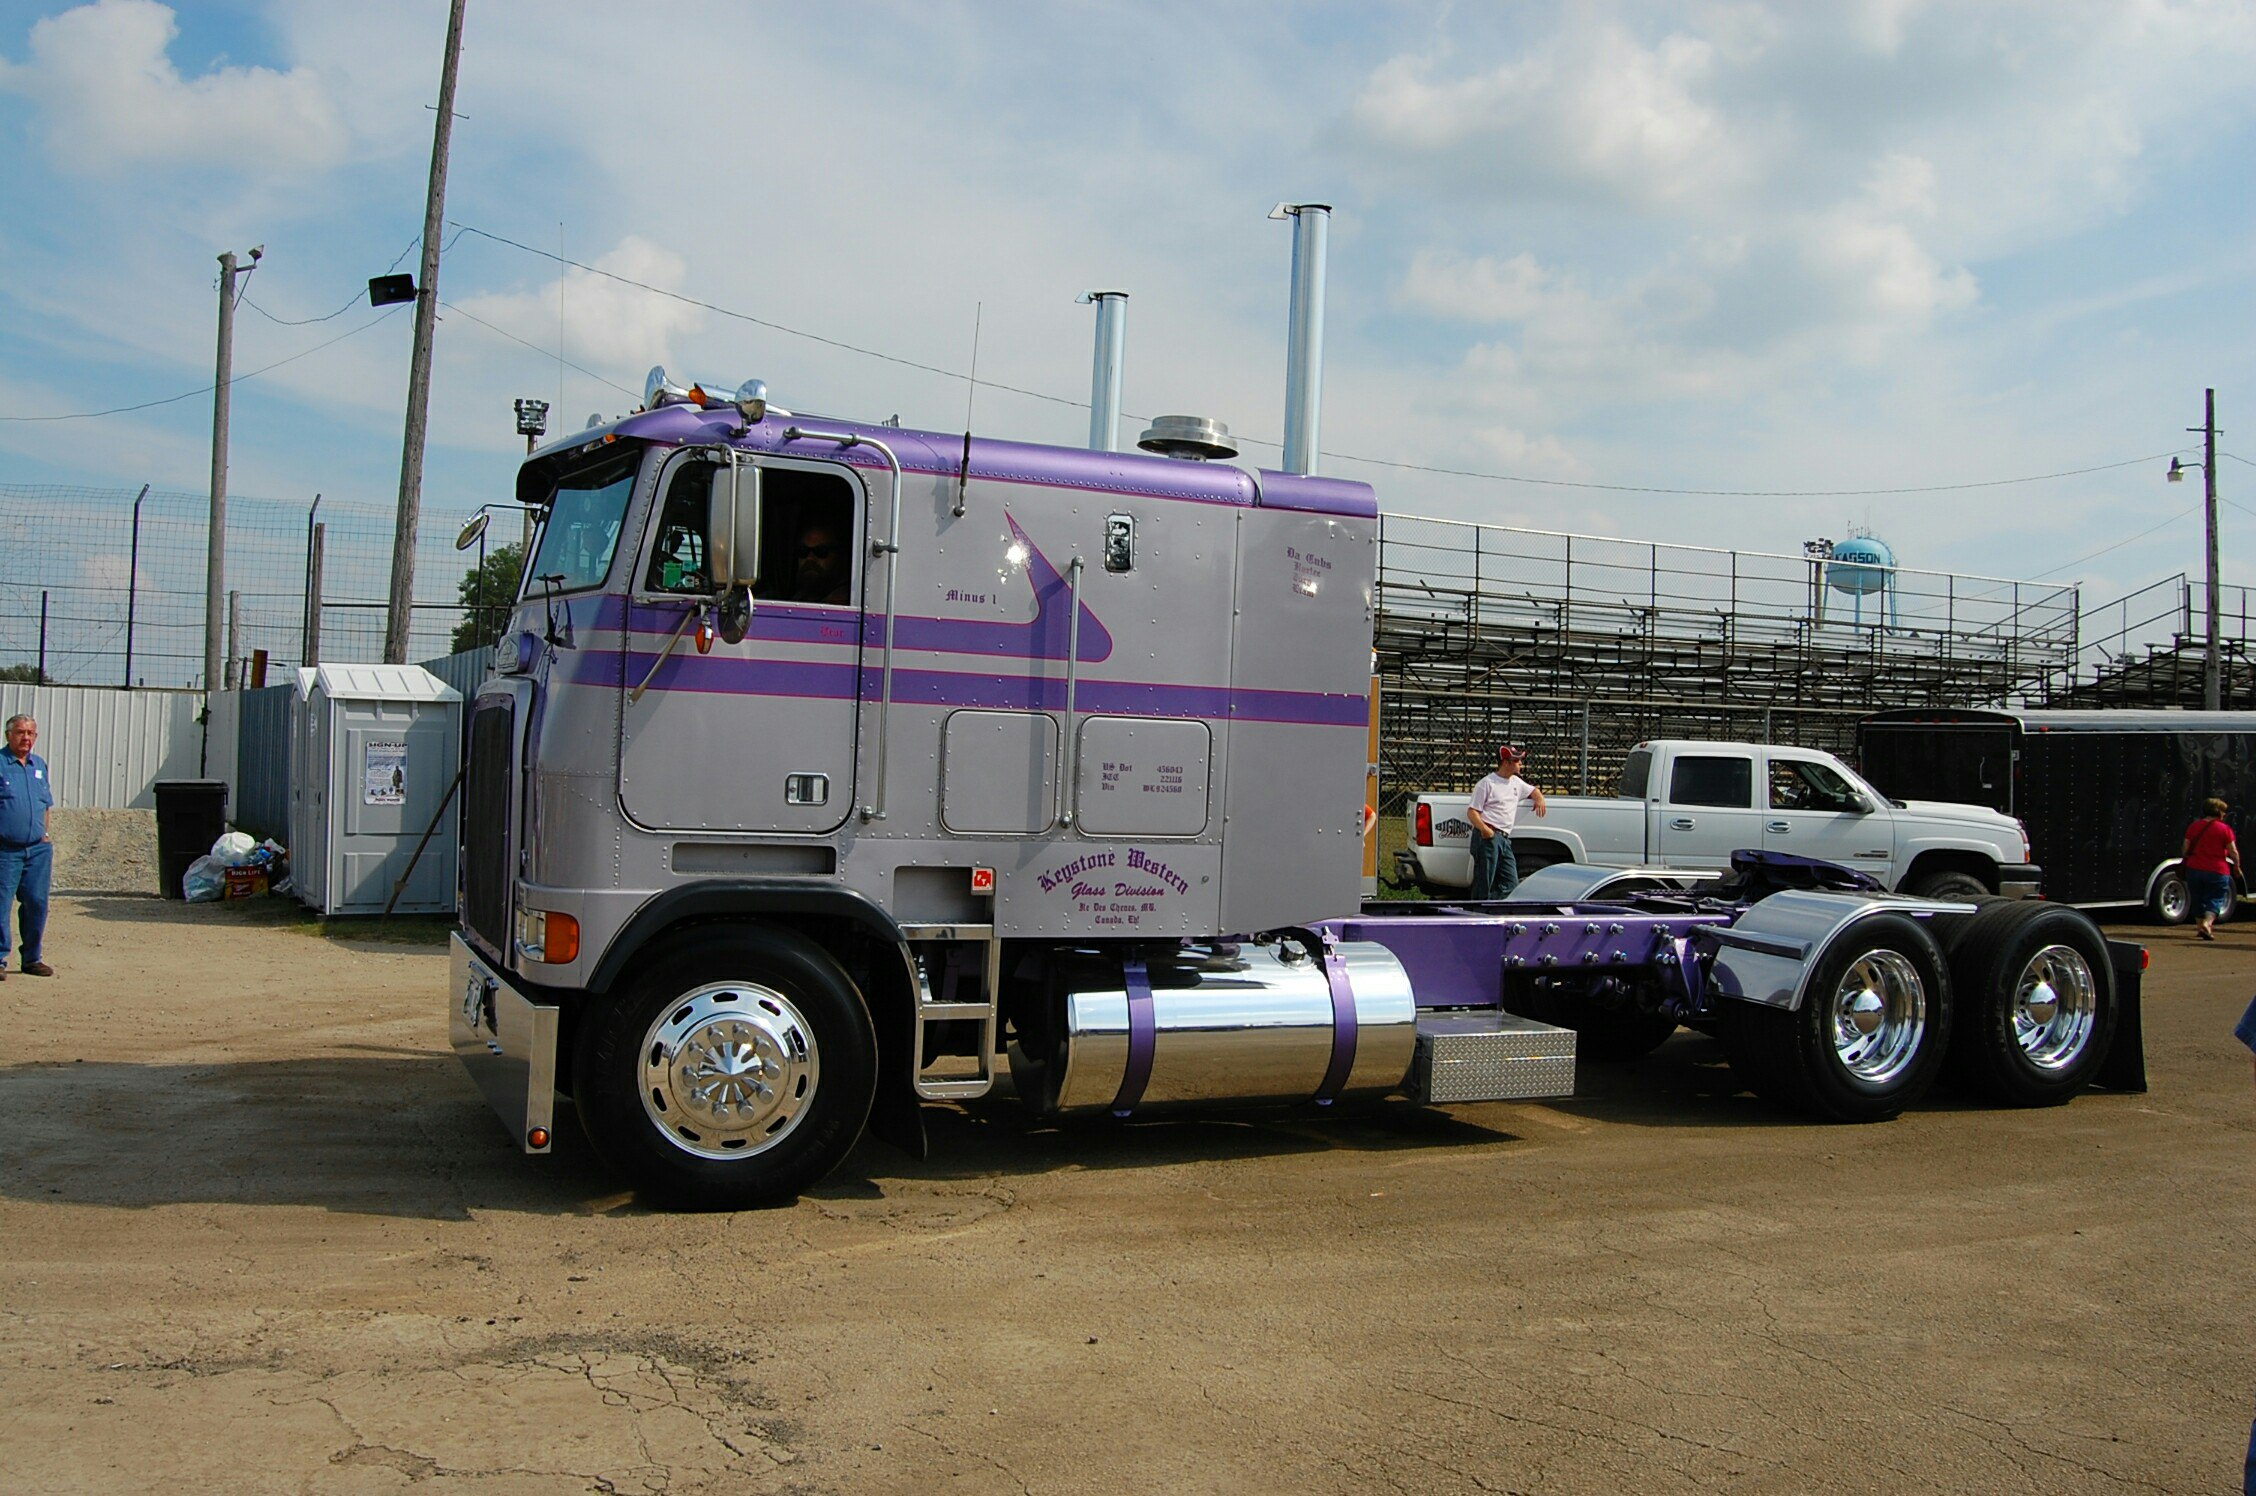 модель грузовика с фильма Терминатор